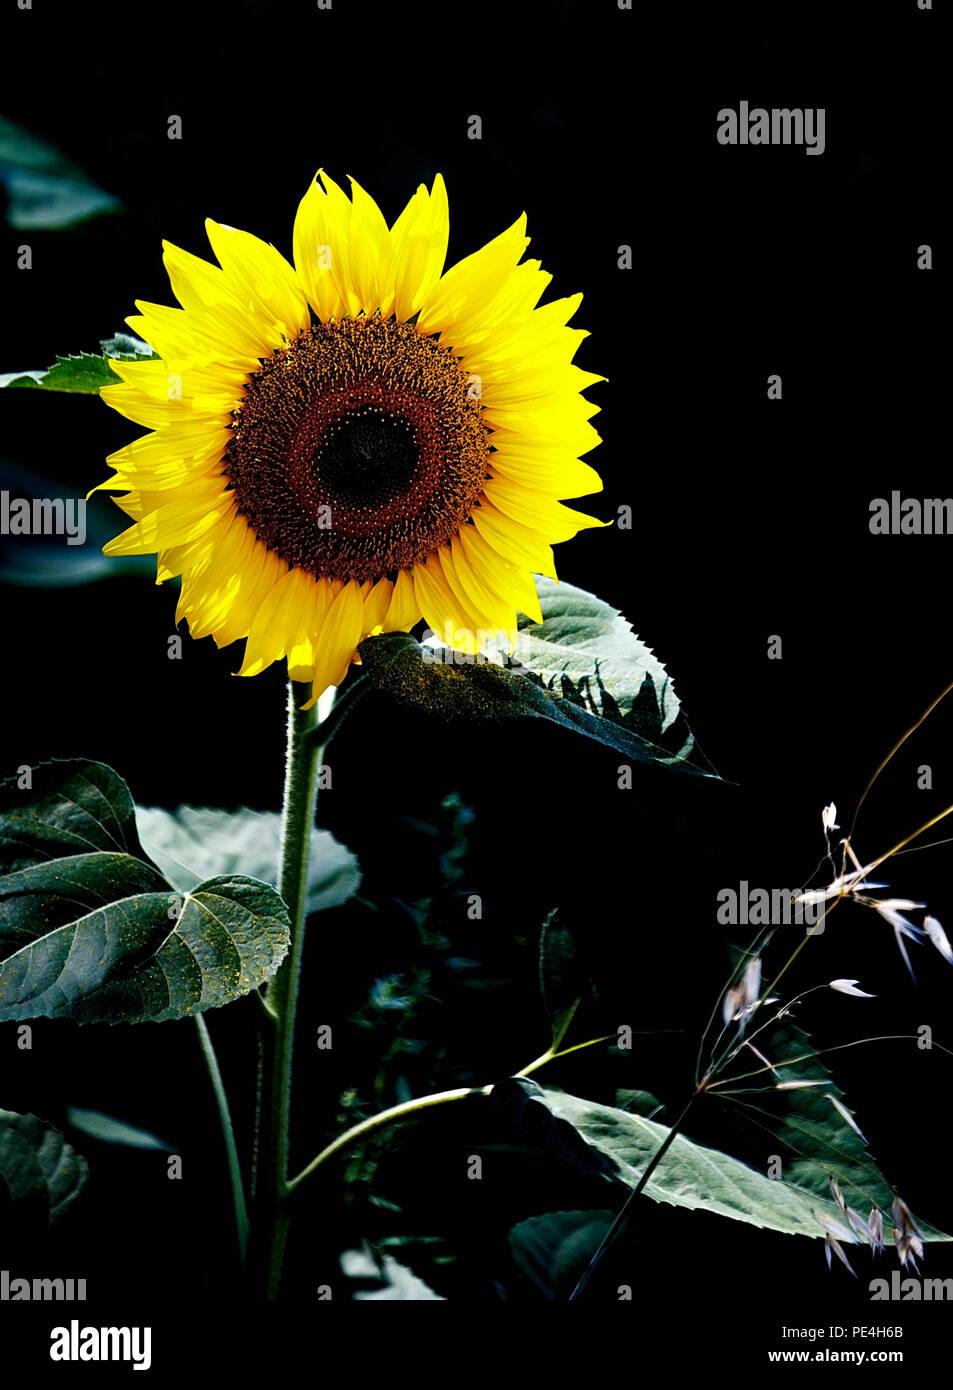 sunflower in the dark Stock Photo